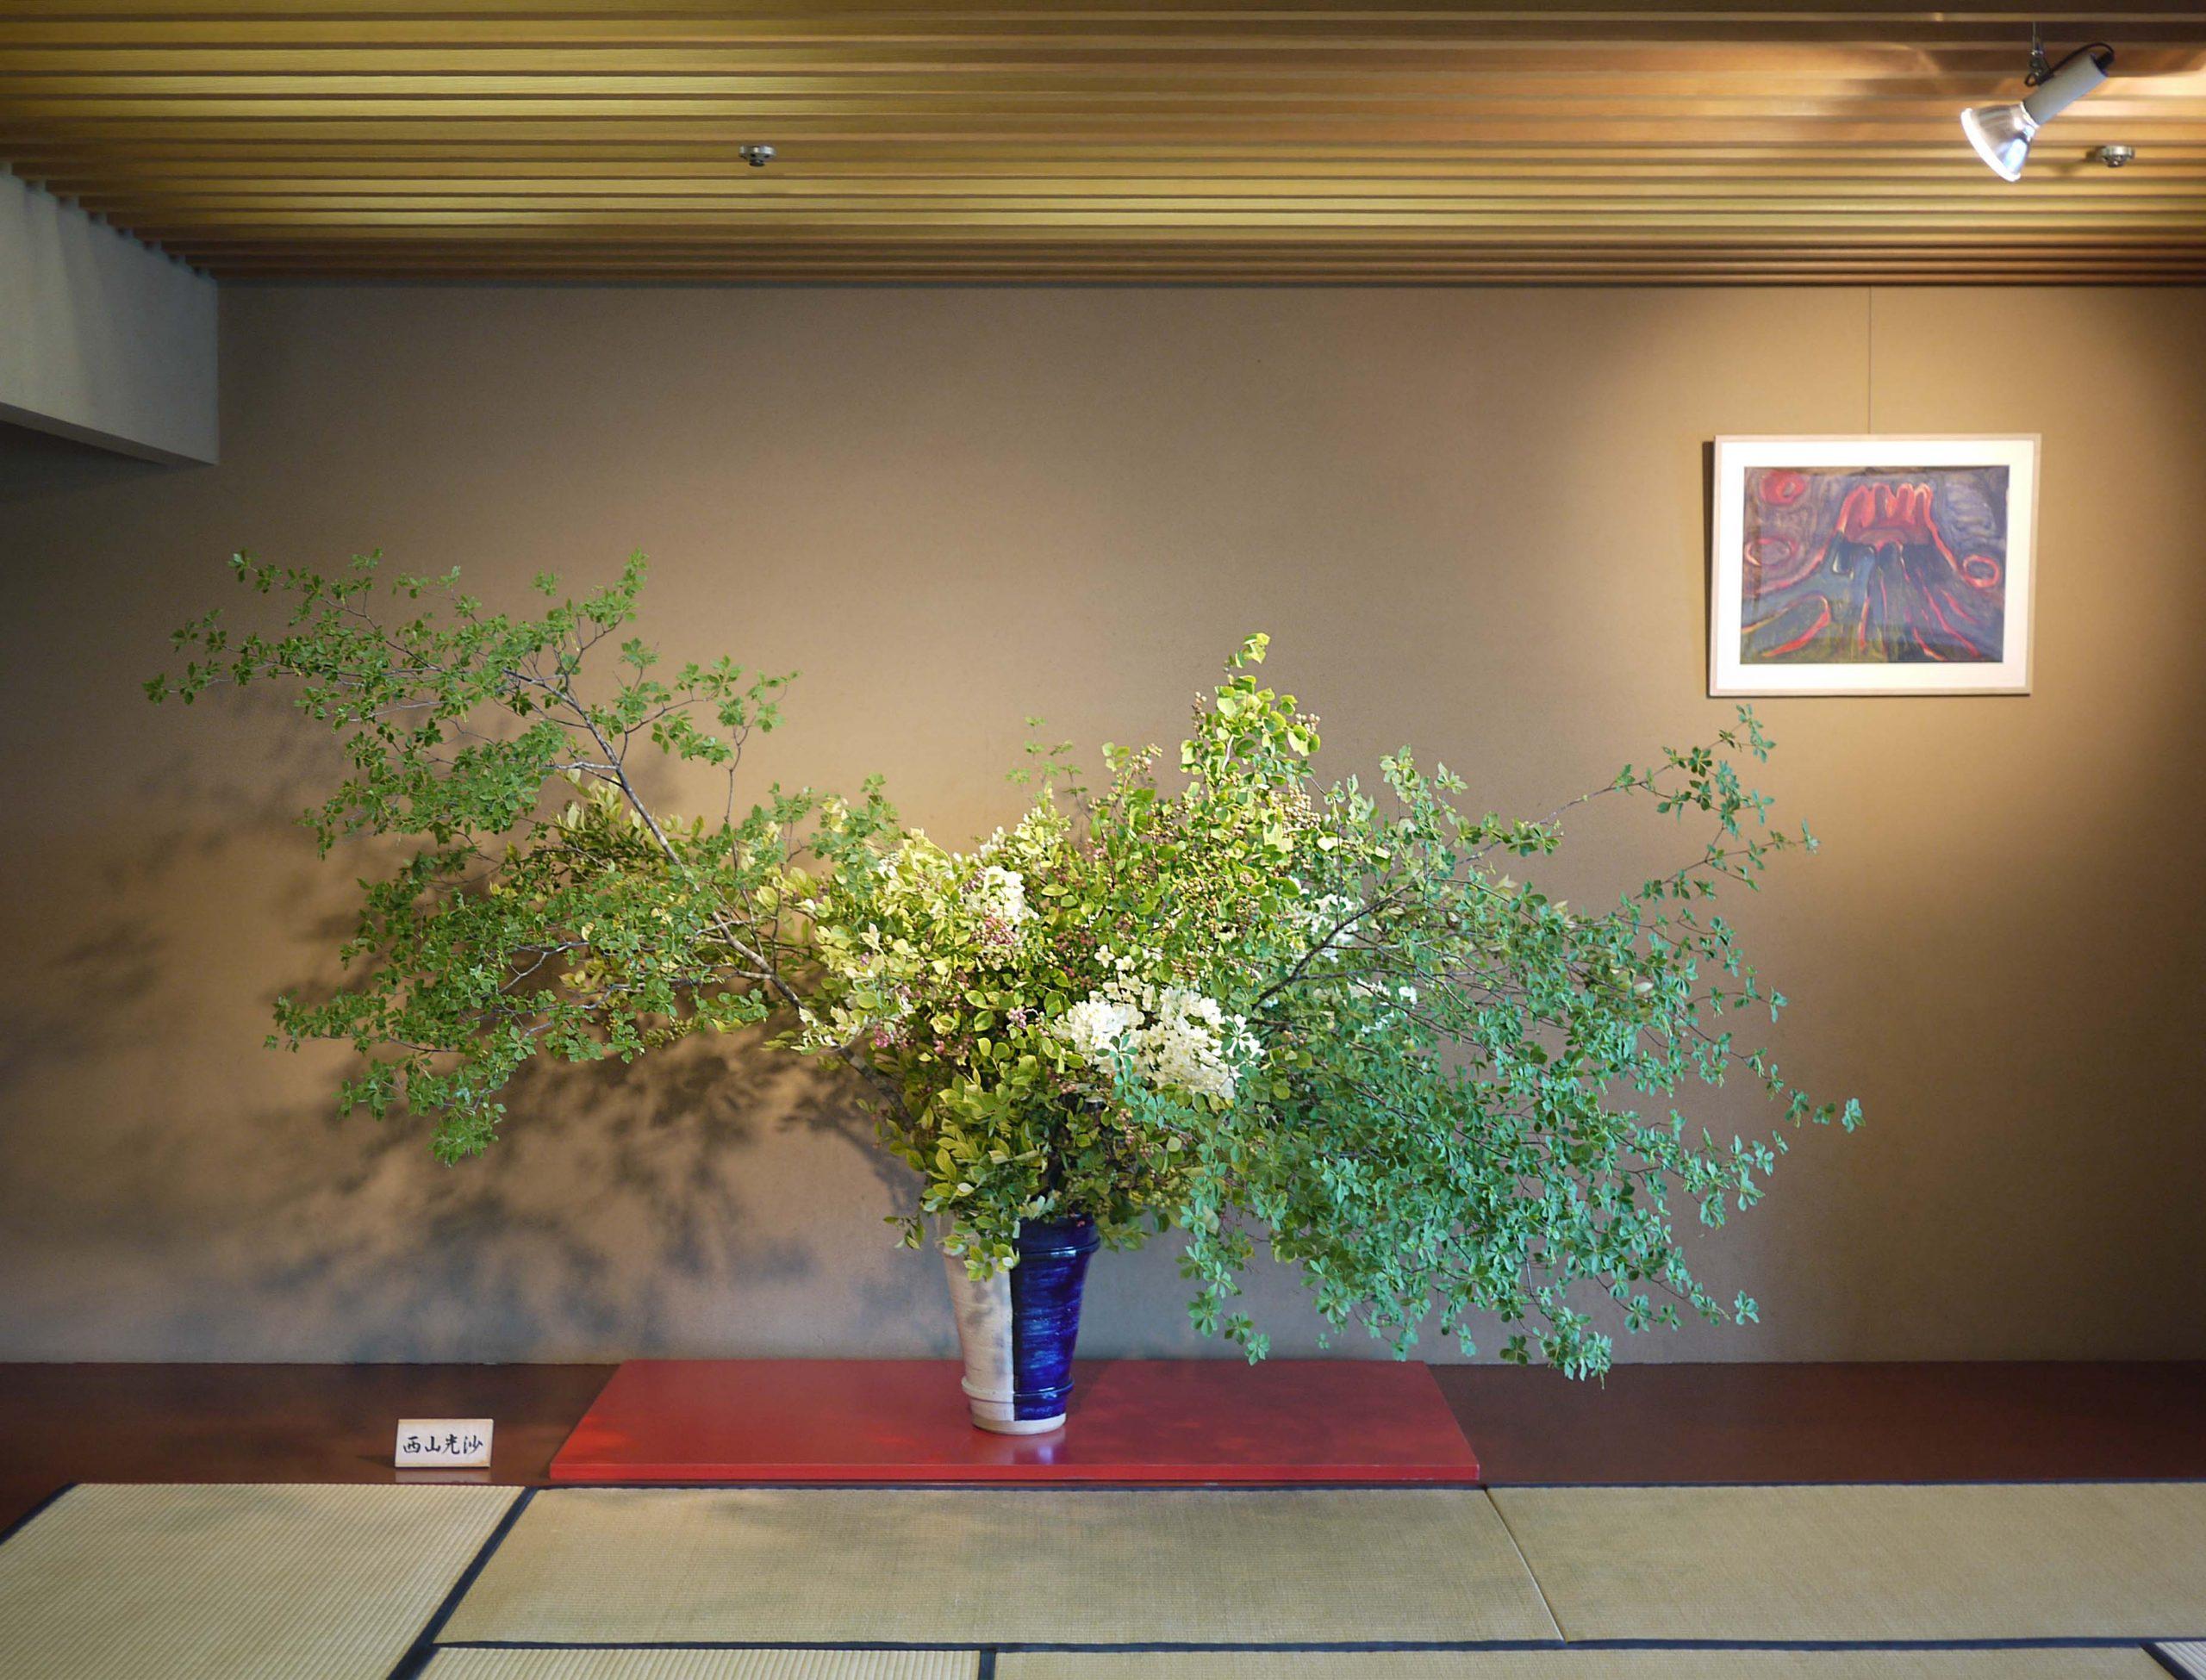 2013  草月会館 日本間<br> In the Japanese room at Sogetsu headquarters, Akasaka, Tokyo